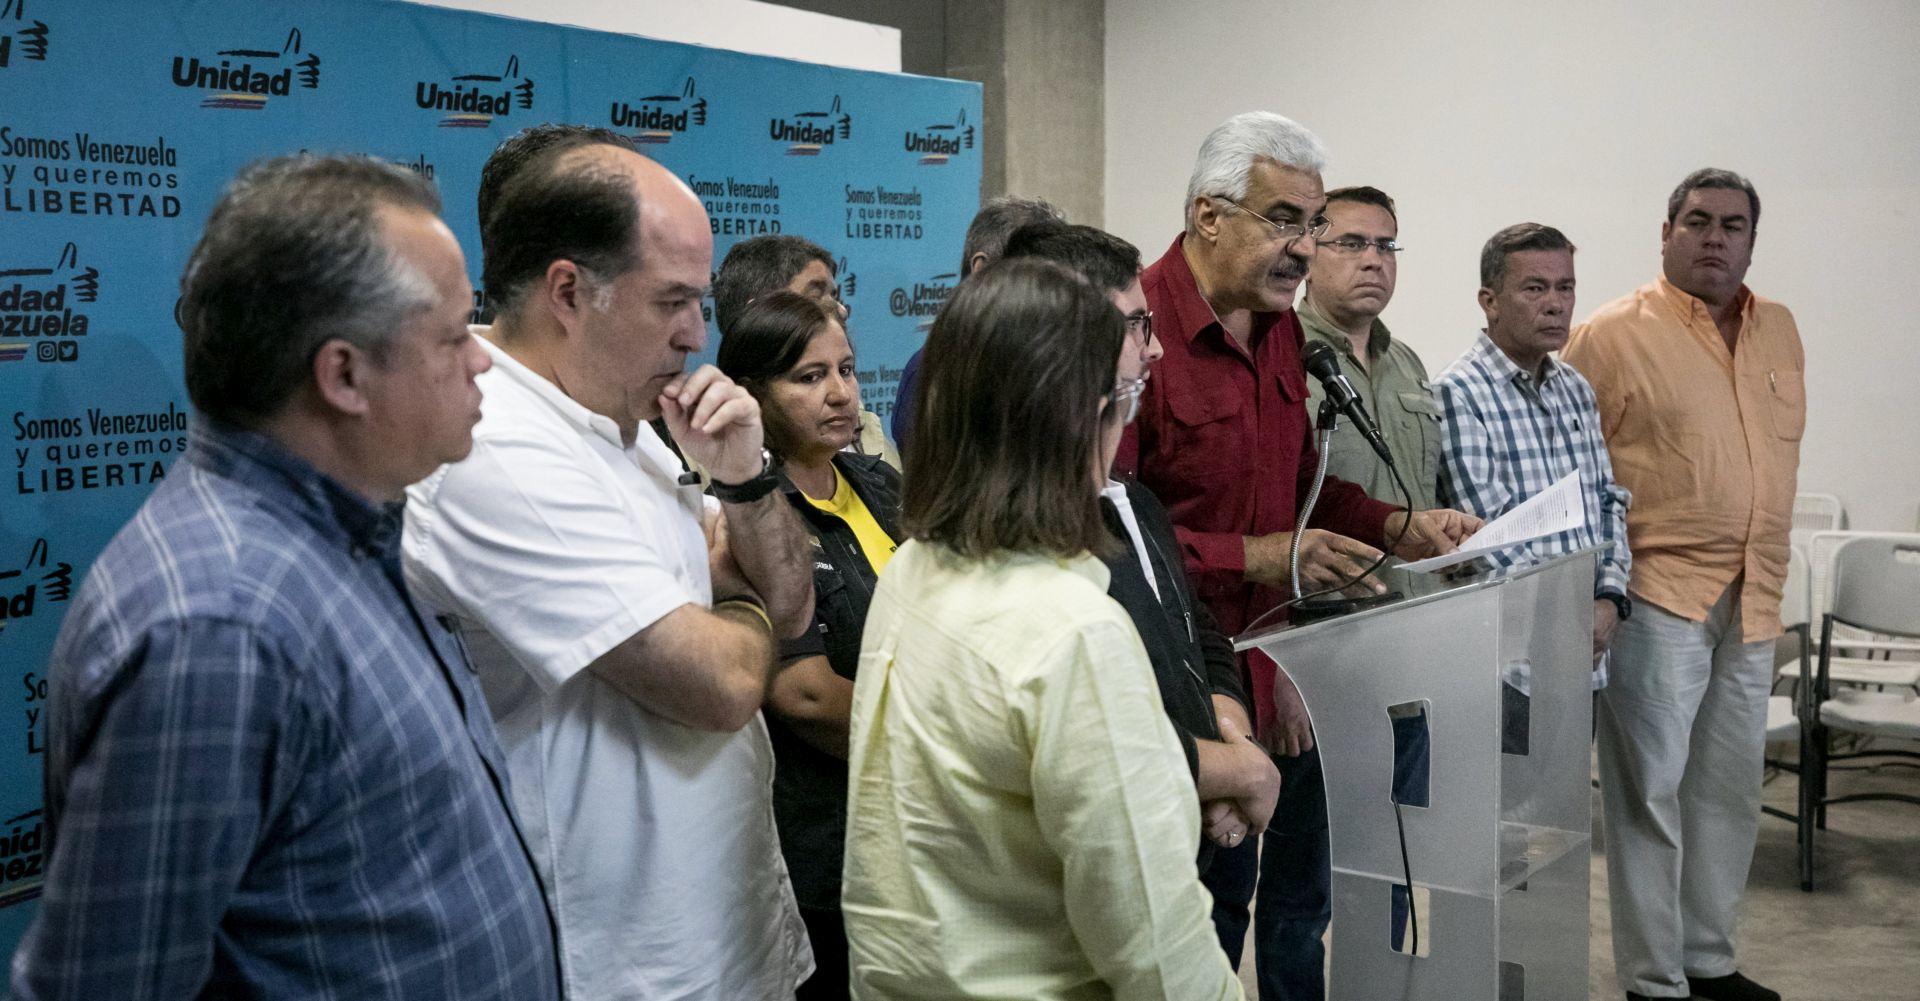 VENEZUELA Nakon izbornog poraza, oporba postavlja uvjete za dijalog